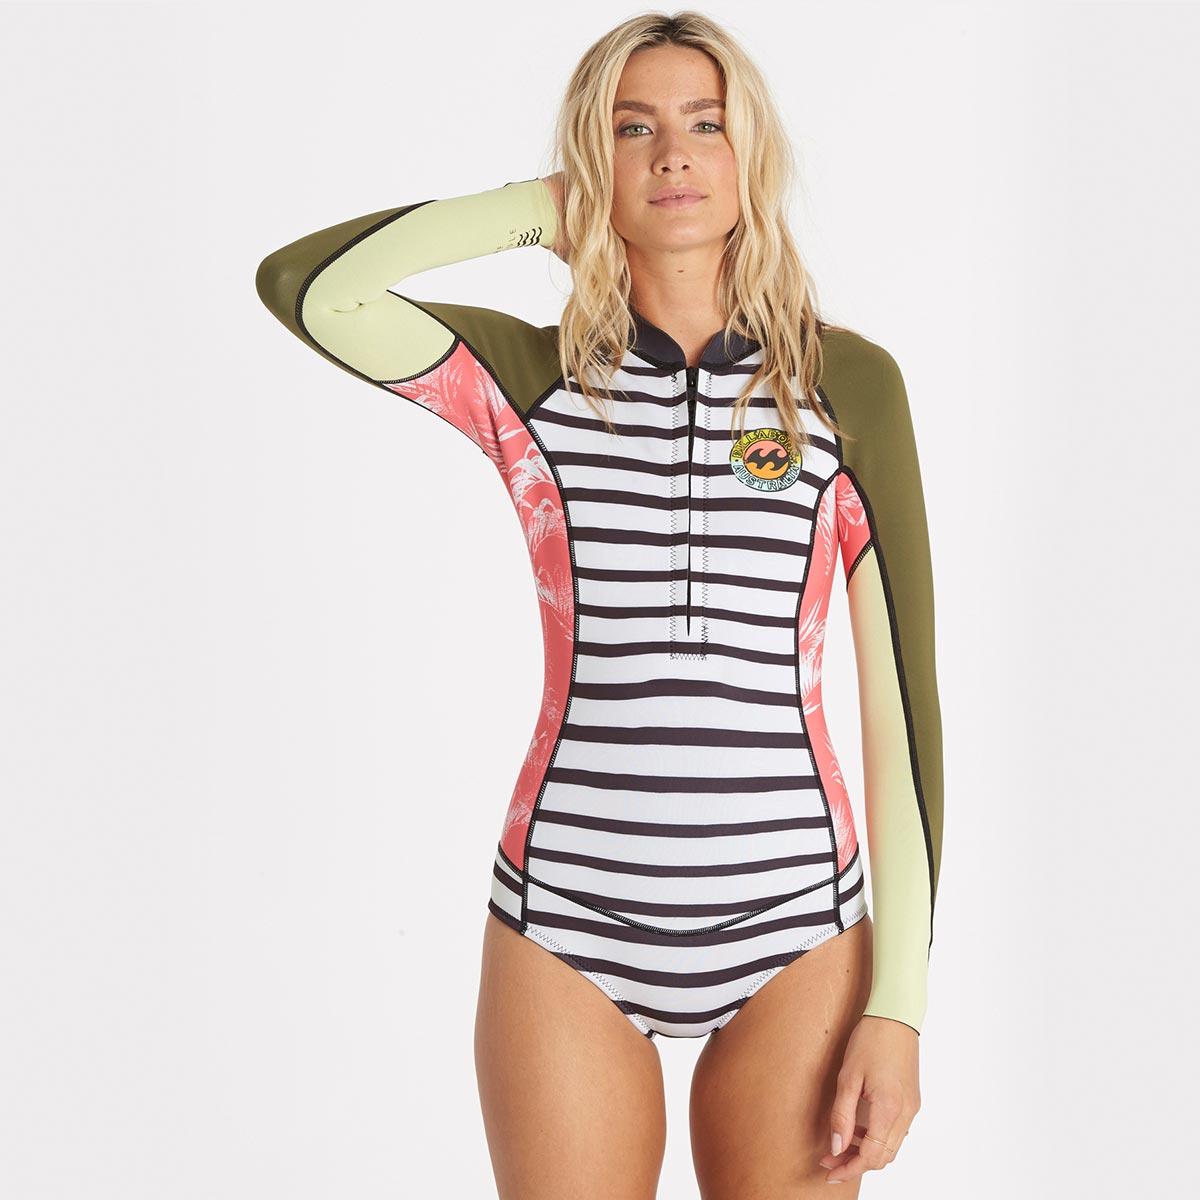 e5d951650ef Combinaison de surf manches longues Femme - Billabong été 2017